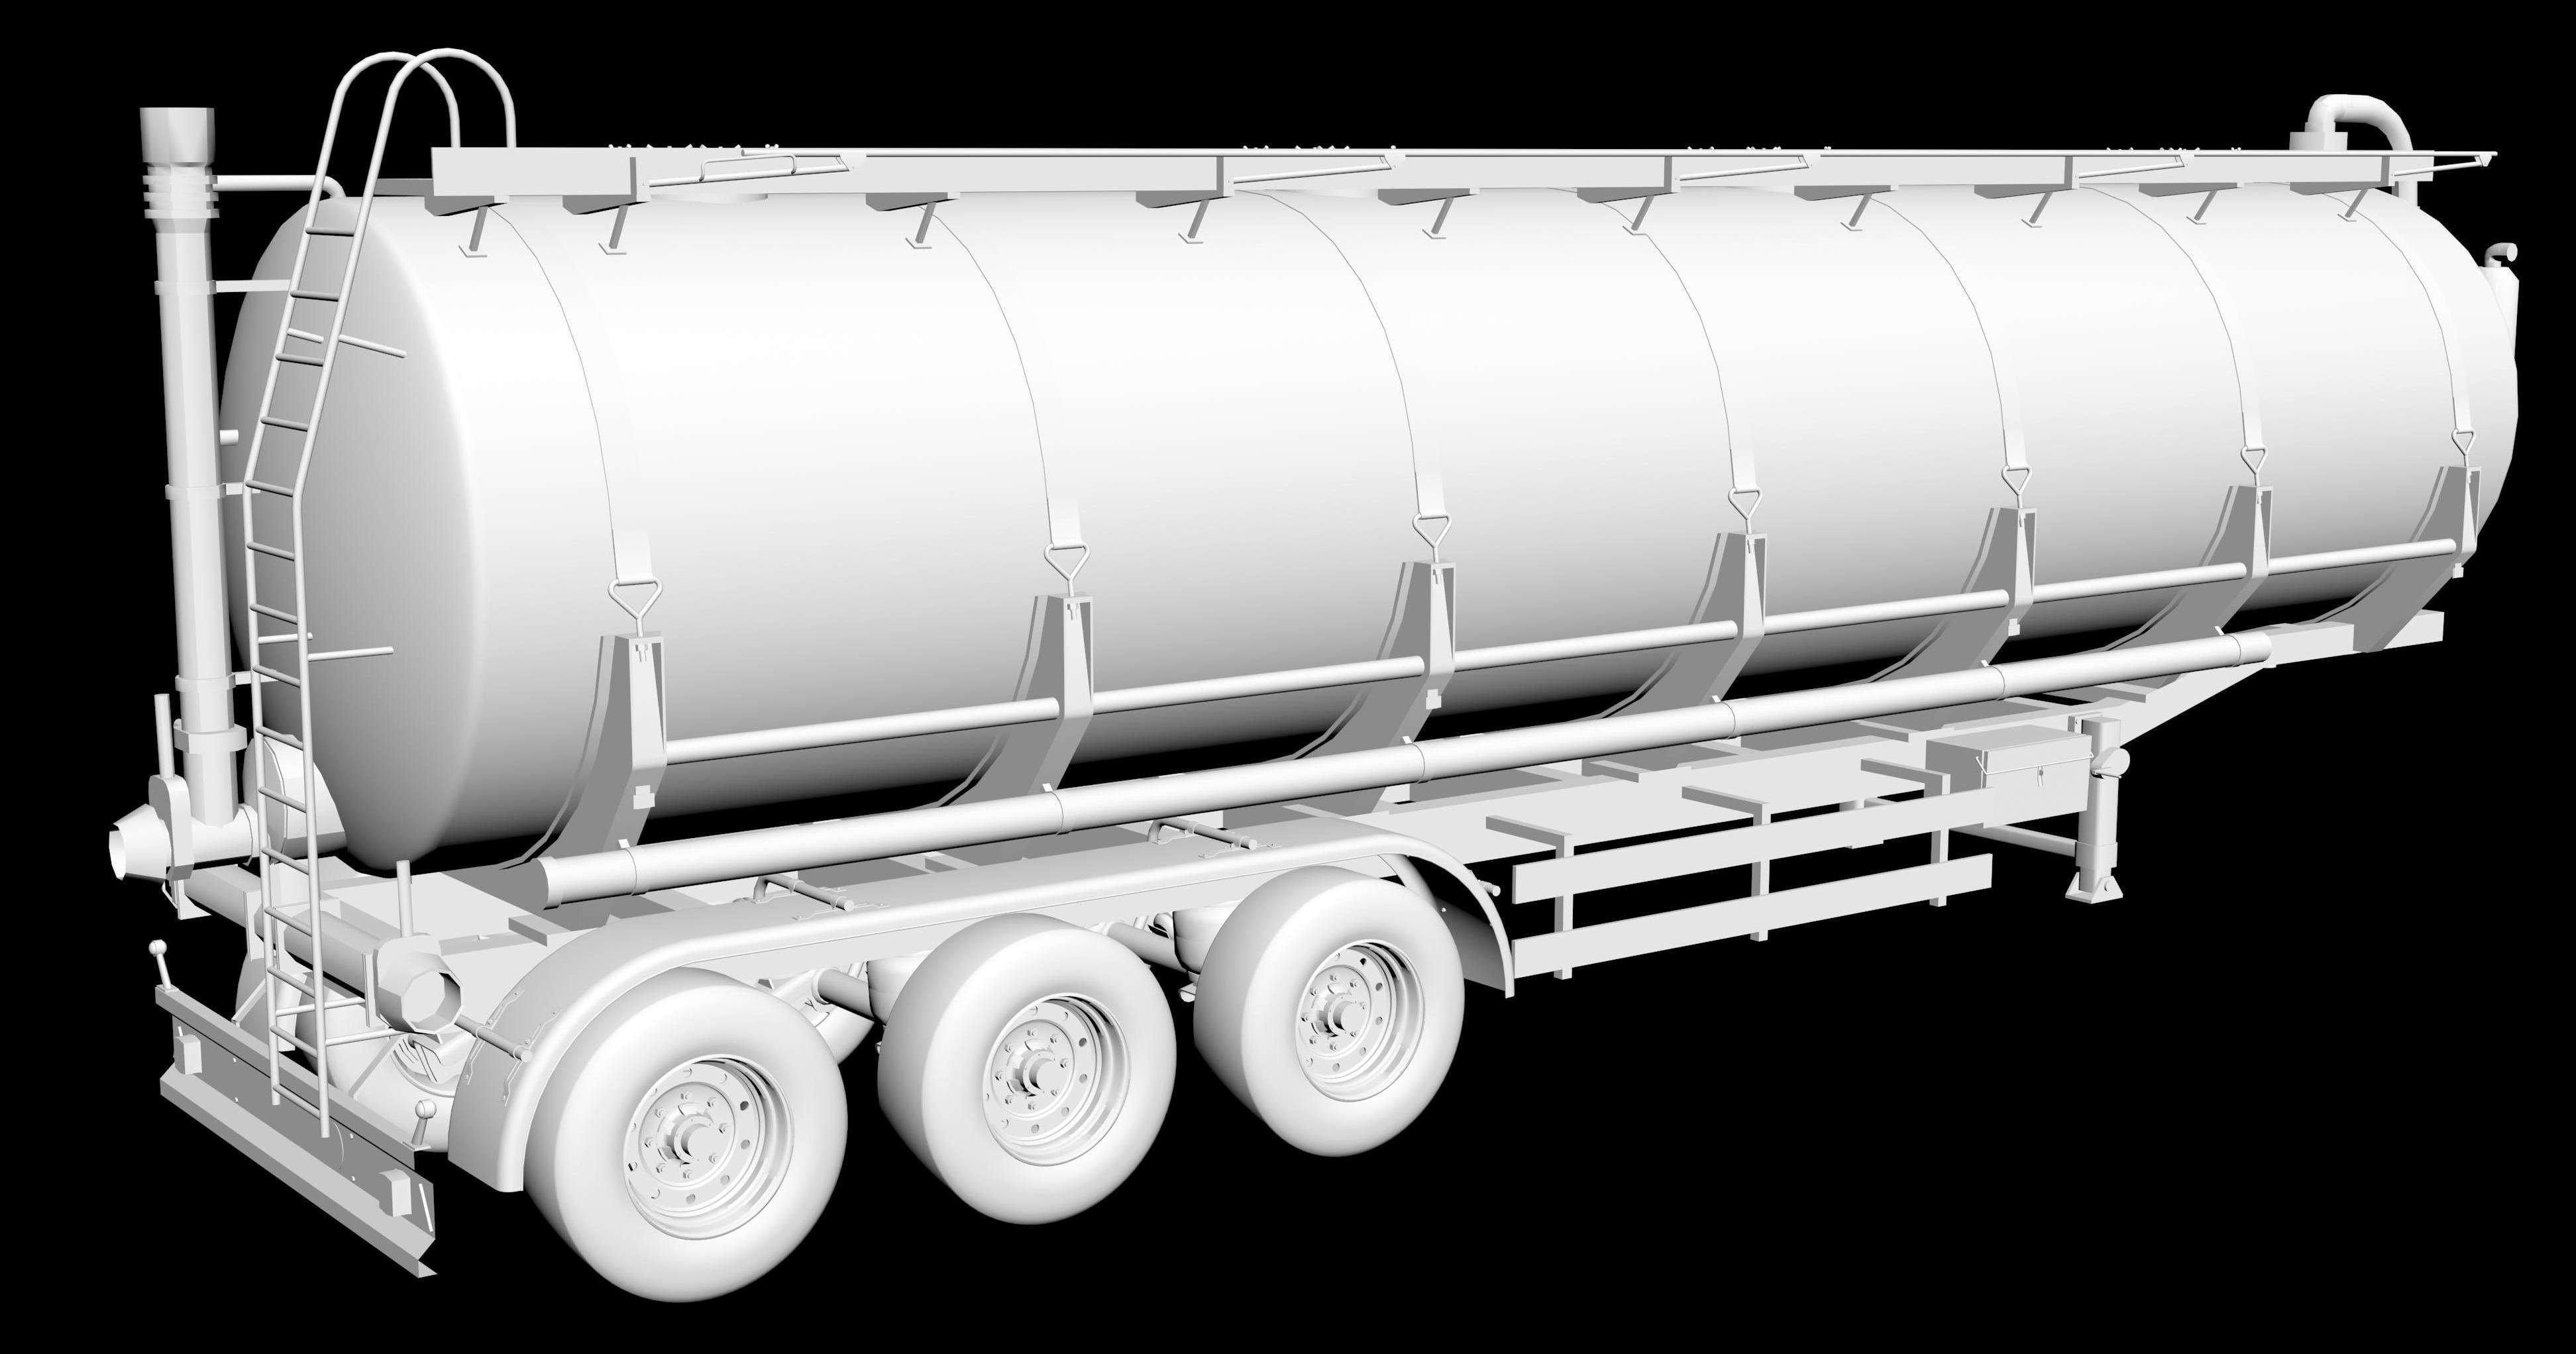 [Encuesta][T.E.P.] Proyecto Aguas Tenias (22 modelos + 1 Camión) [Terminado 21-4-2014]. - Página 5 59n1e2v